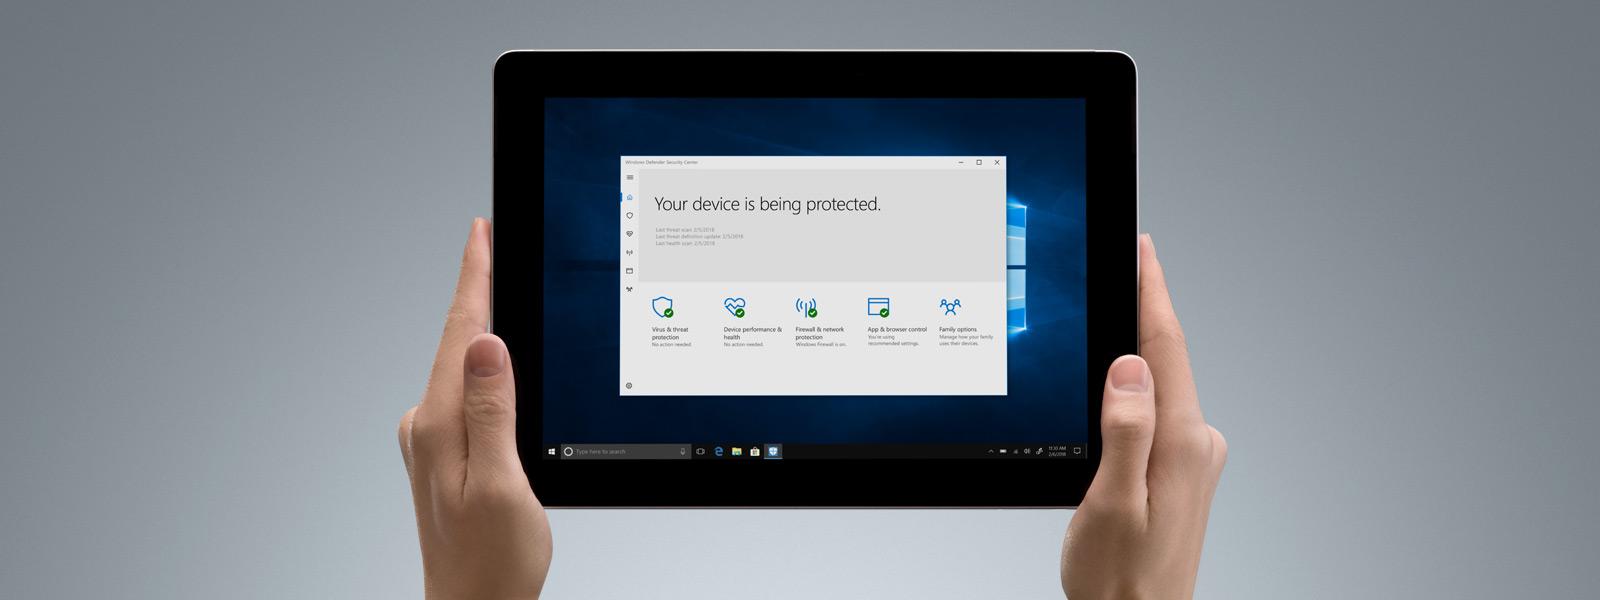 Surface Go dipegang sebagai tablet dengan Windows Defender